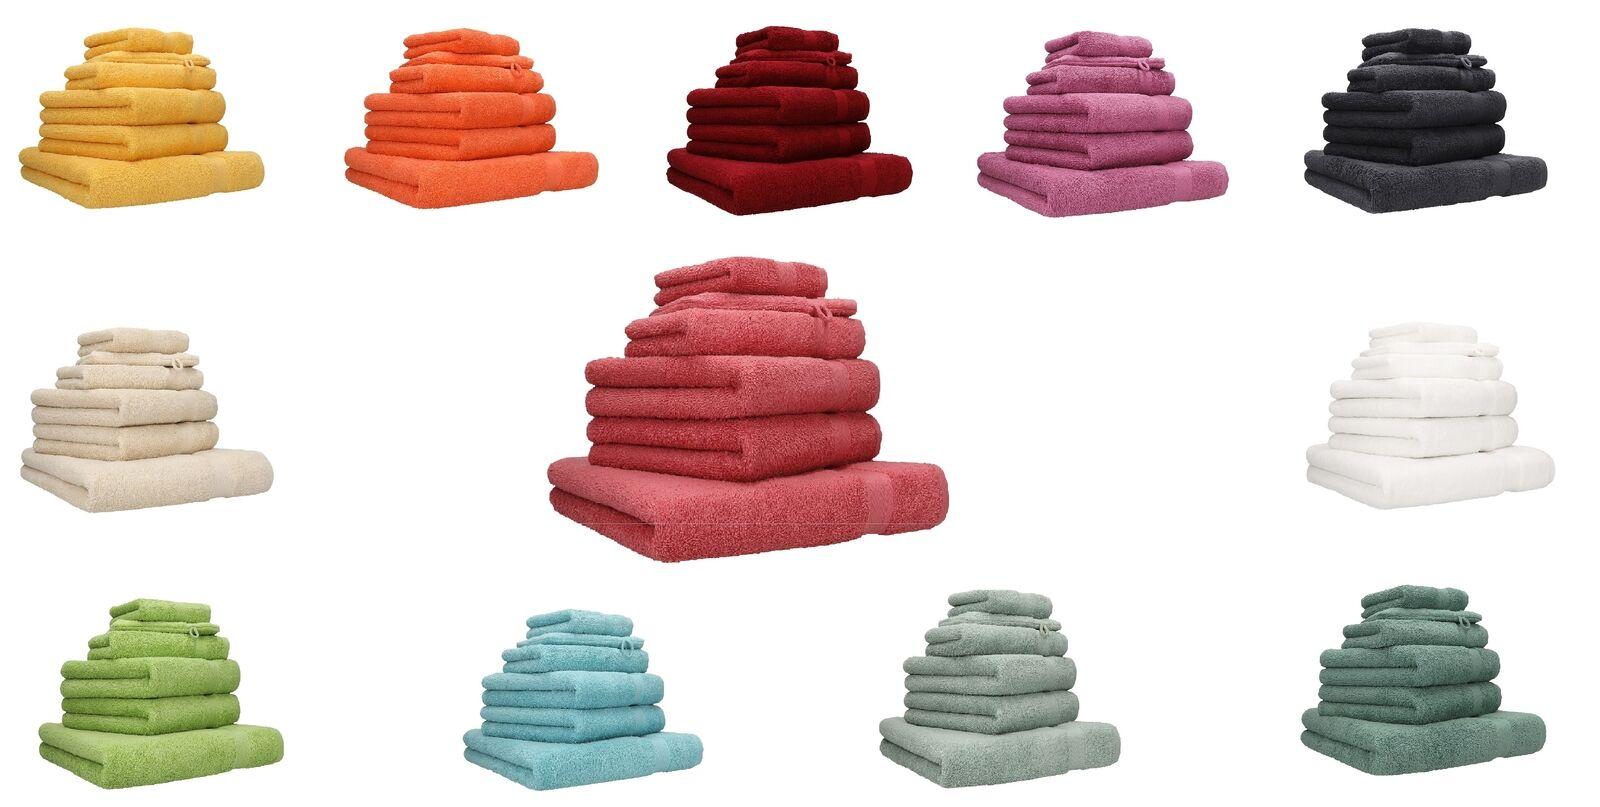 Betz 6er Handtuch Set Handtücher PREMIUM 100% Baumwolle  verschiedene Farben